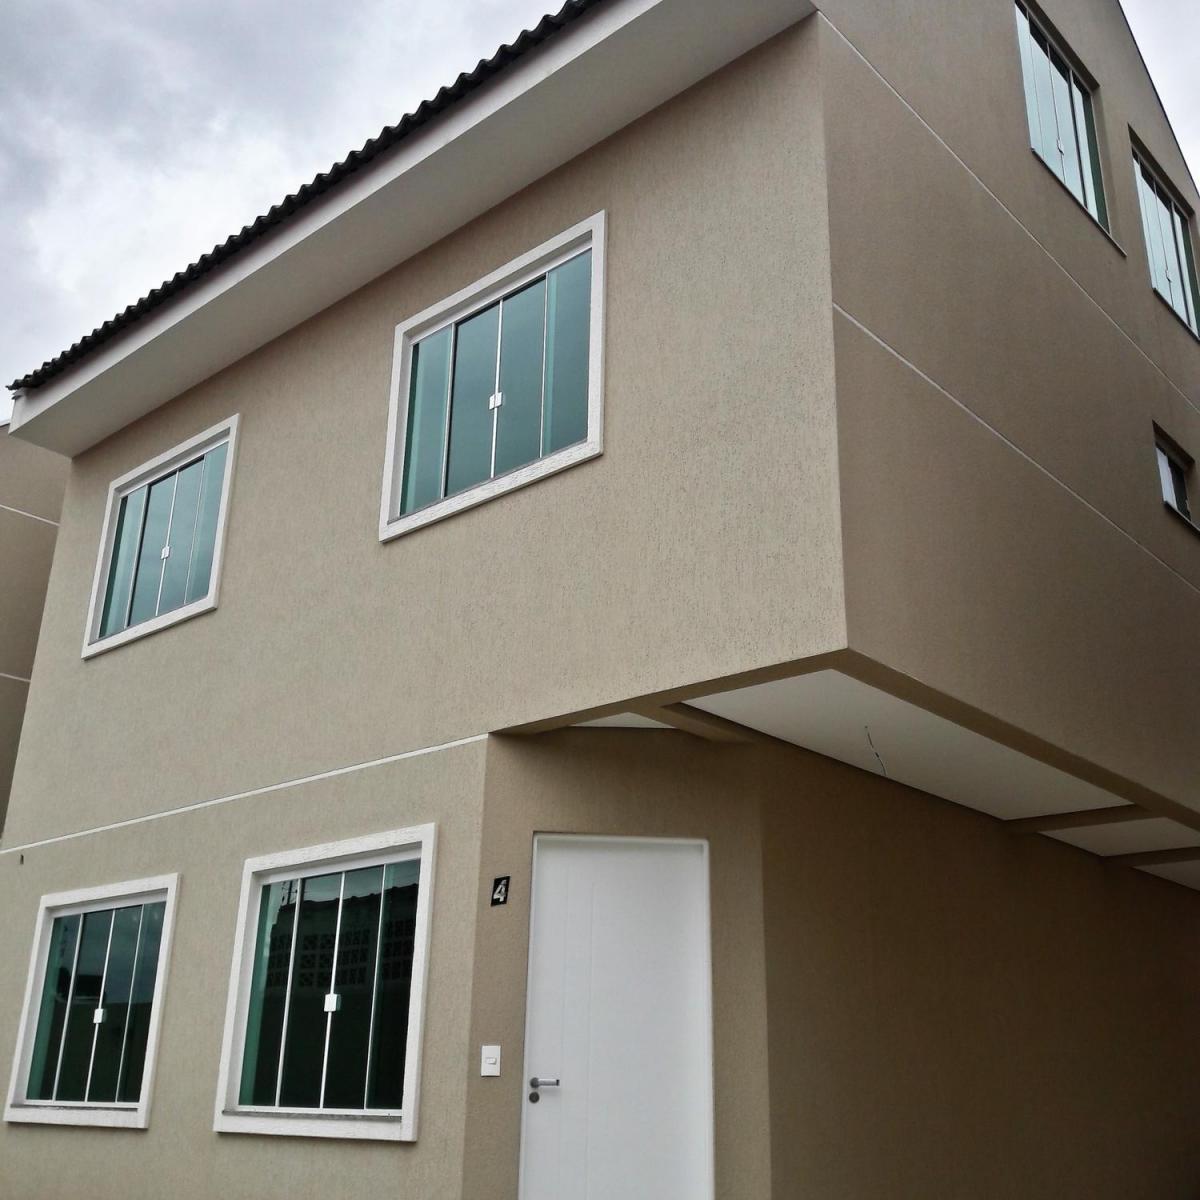 http://www.infocenterhost2.com.br/crm/fotosimovel/460639/106338729-sobrado-em-condominio-curitiba-boqueirao.jpg